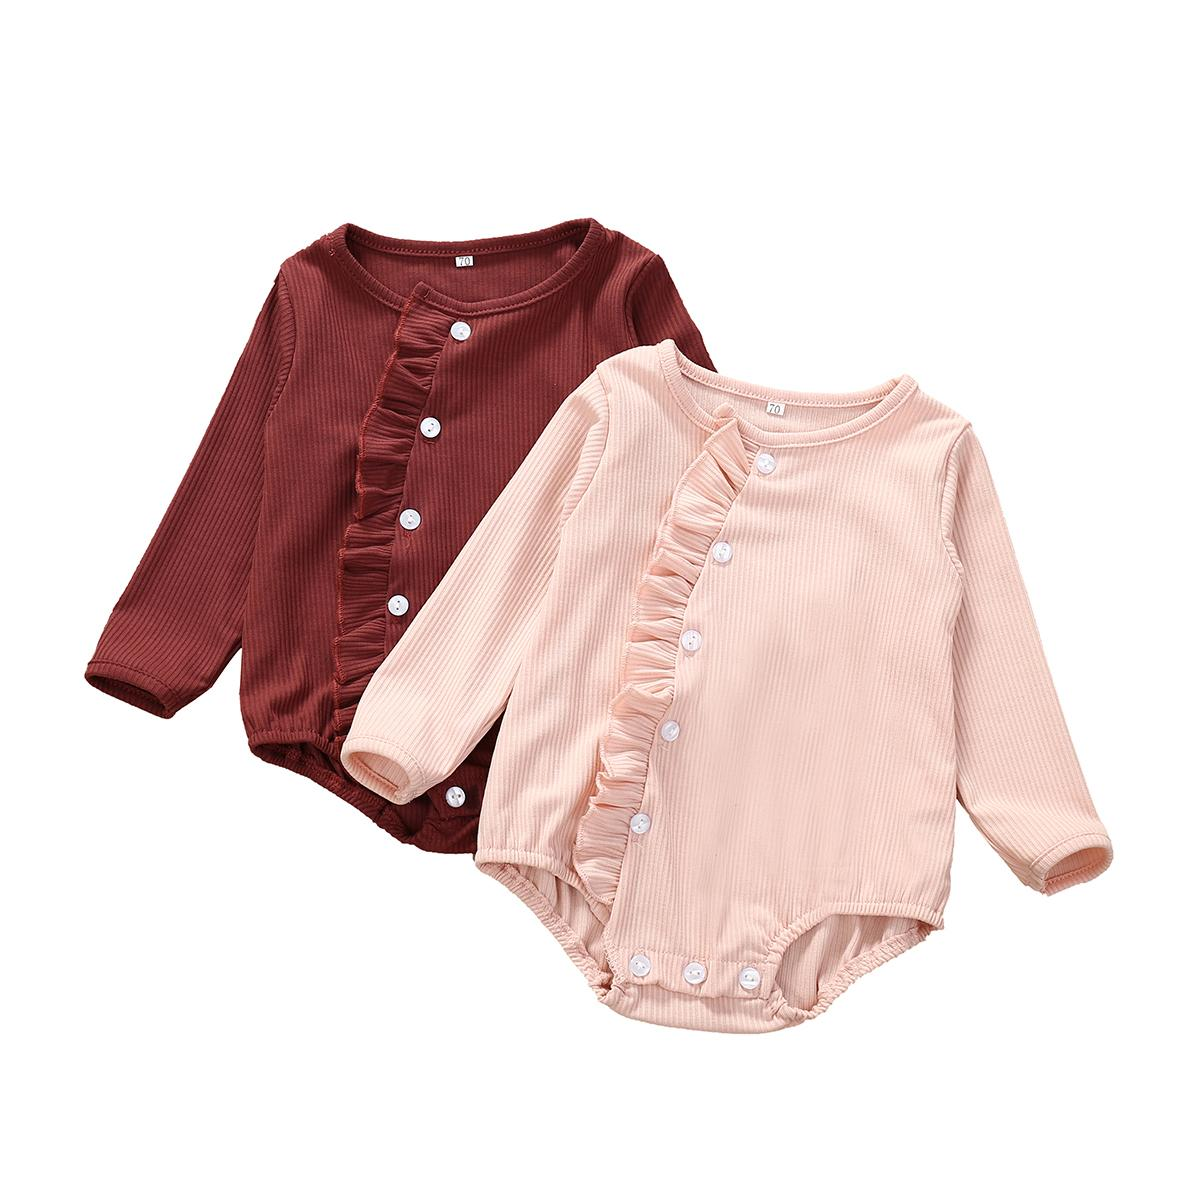 Niño recién nacido bebés arropa 2020 algodón Nueva camiseta de manga larga para niños pequeños Solid Body mono Equipos ropa de las muchachas 0-24 M